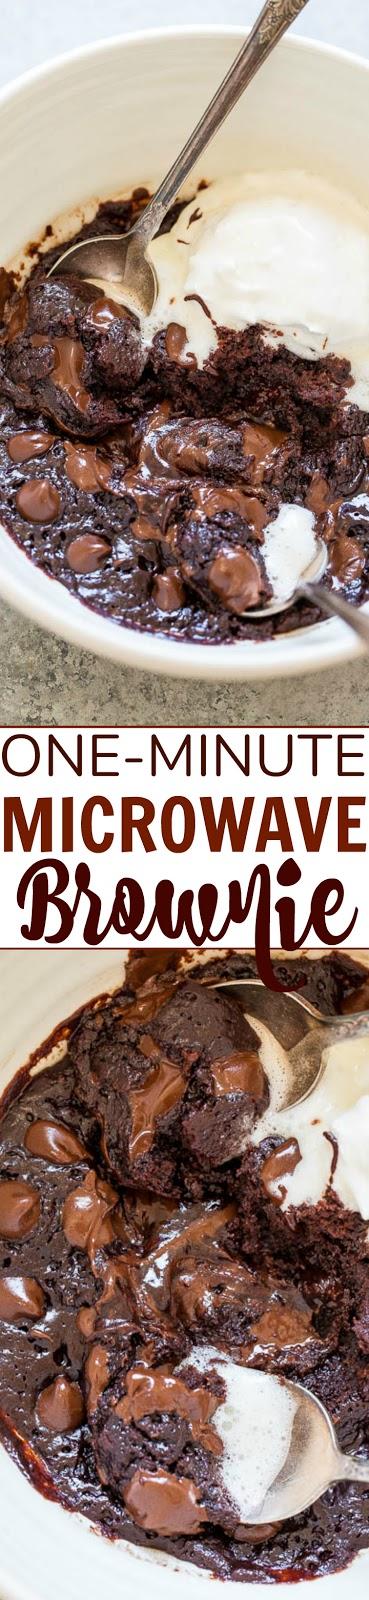 One-Minute Microwave Brownie